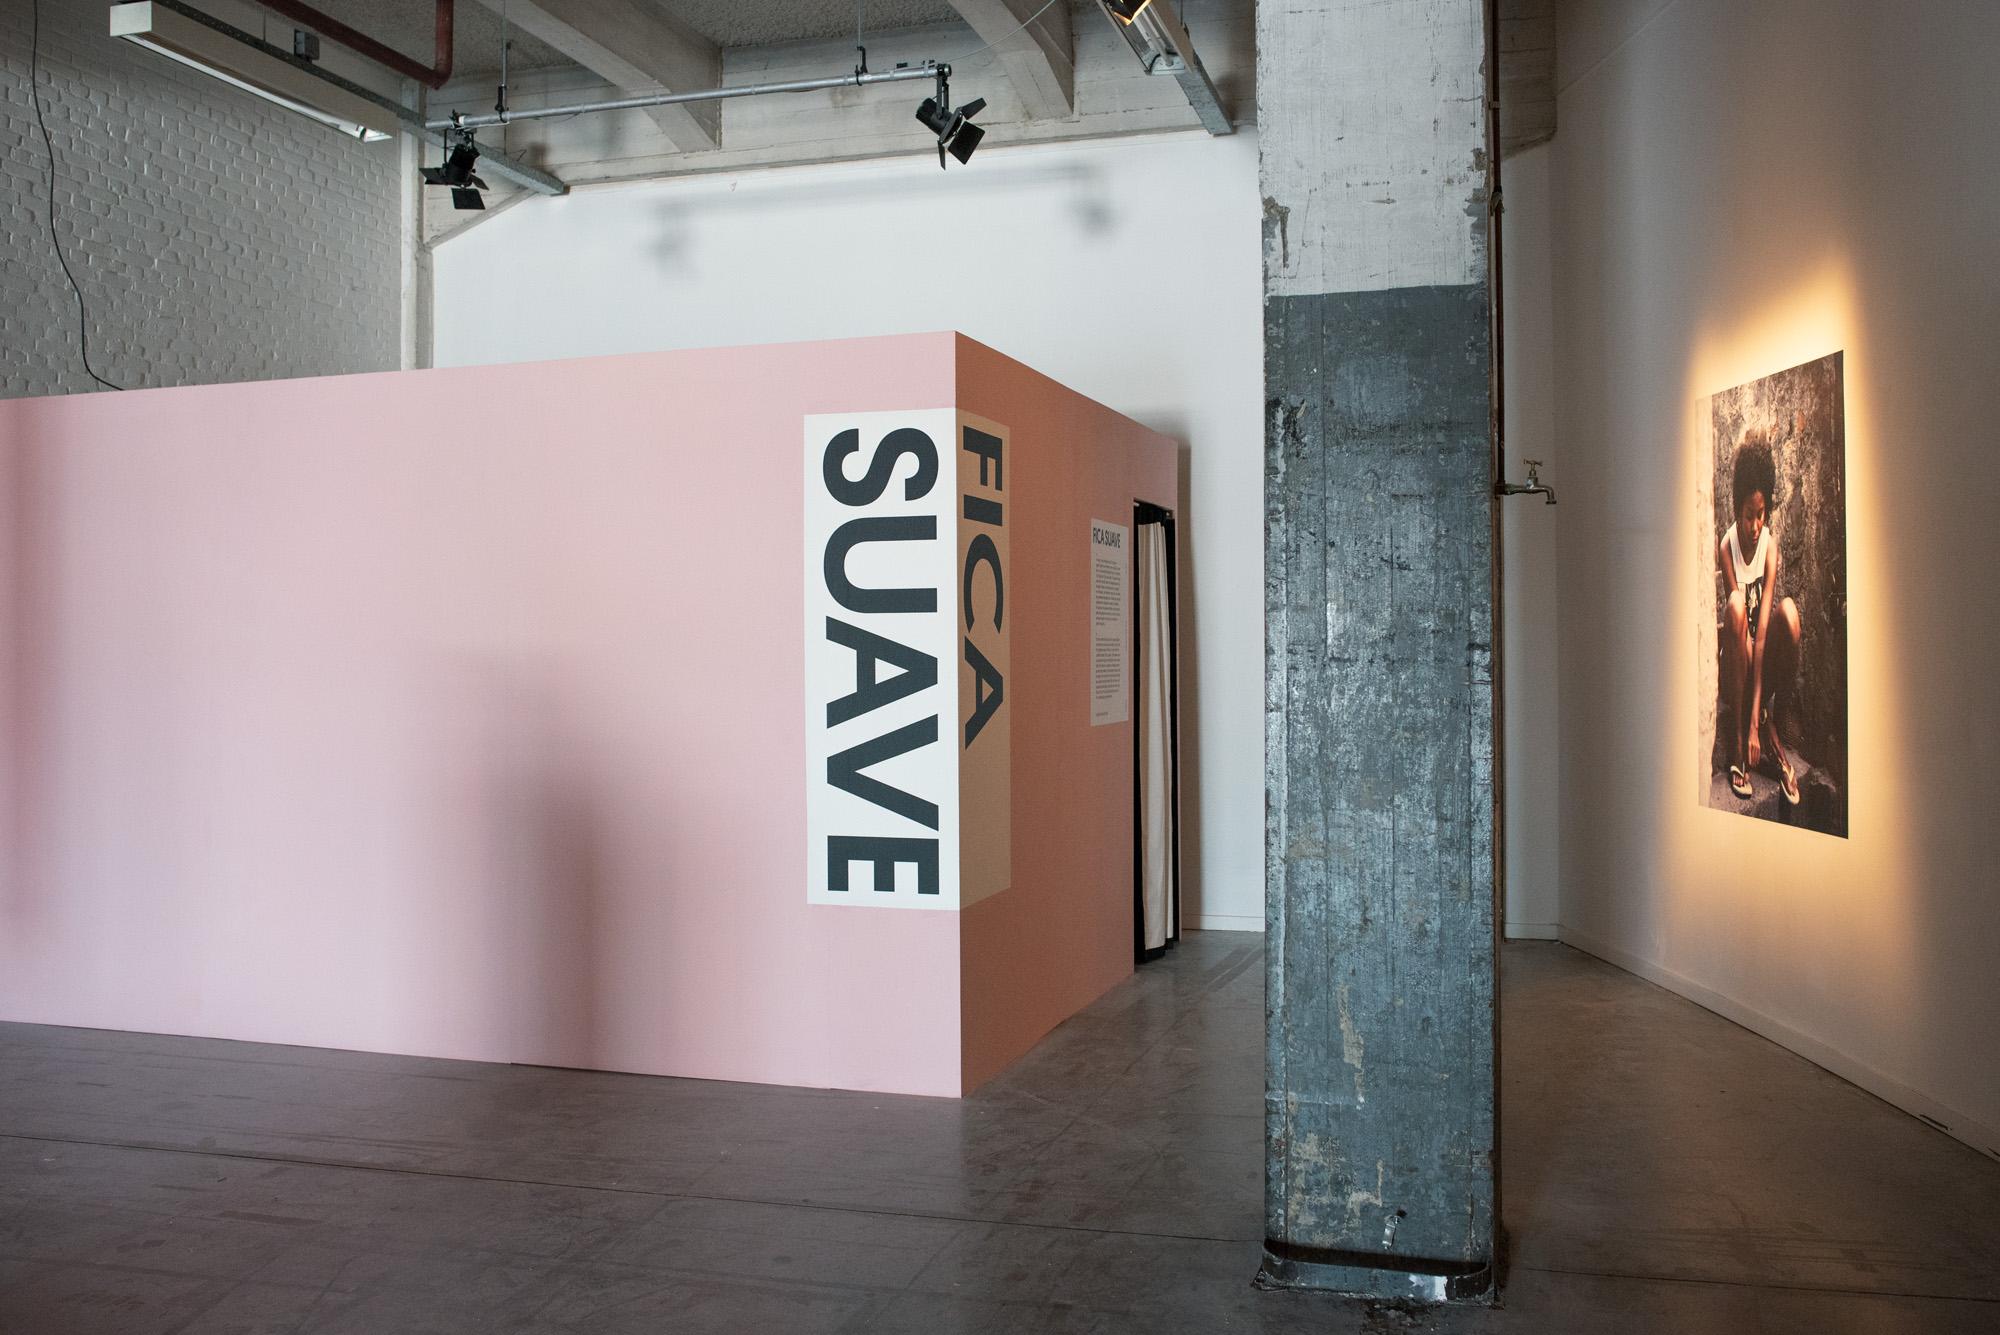 STUDIO JORD NOORBEEK Expo Fica Suave – Sabine van Wechem